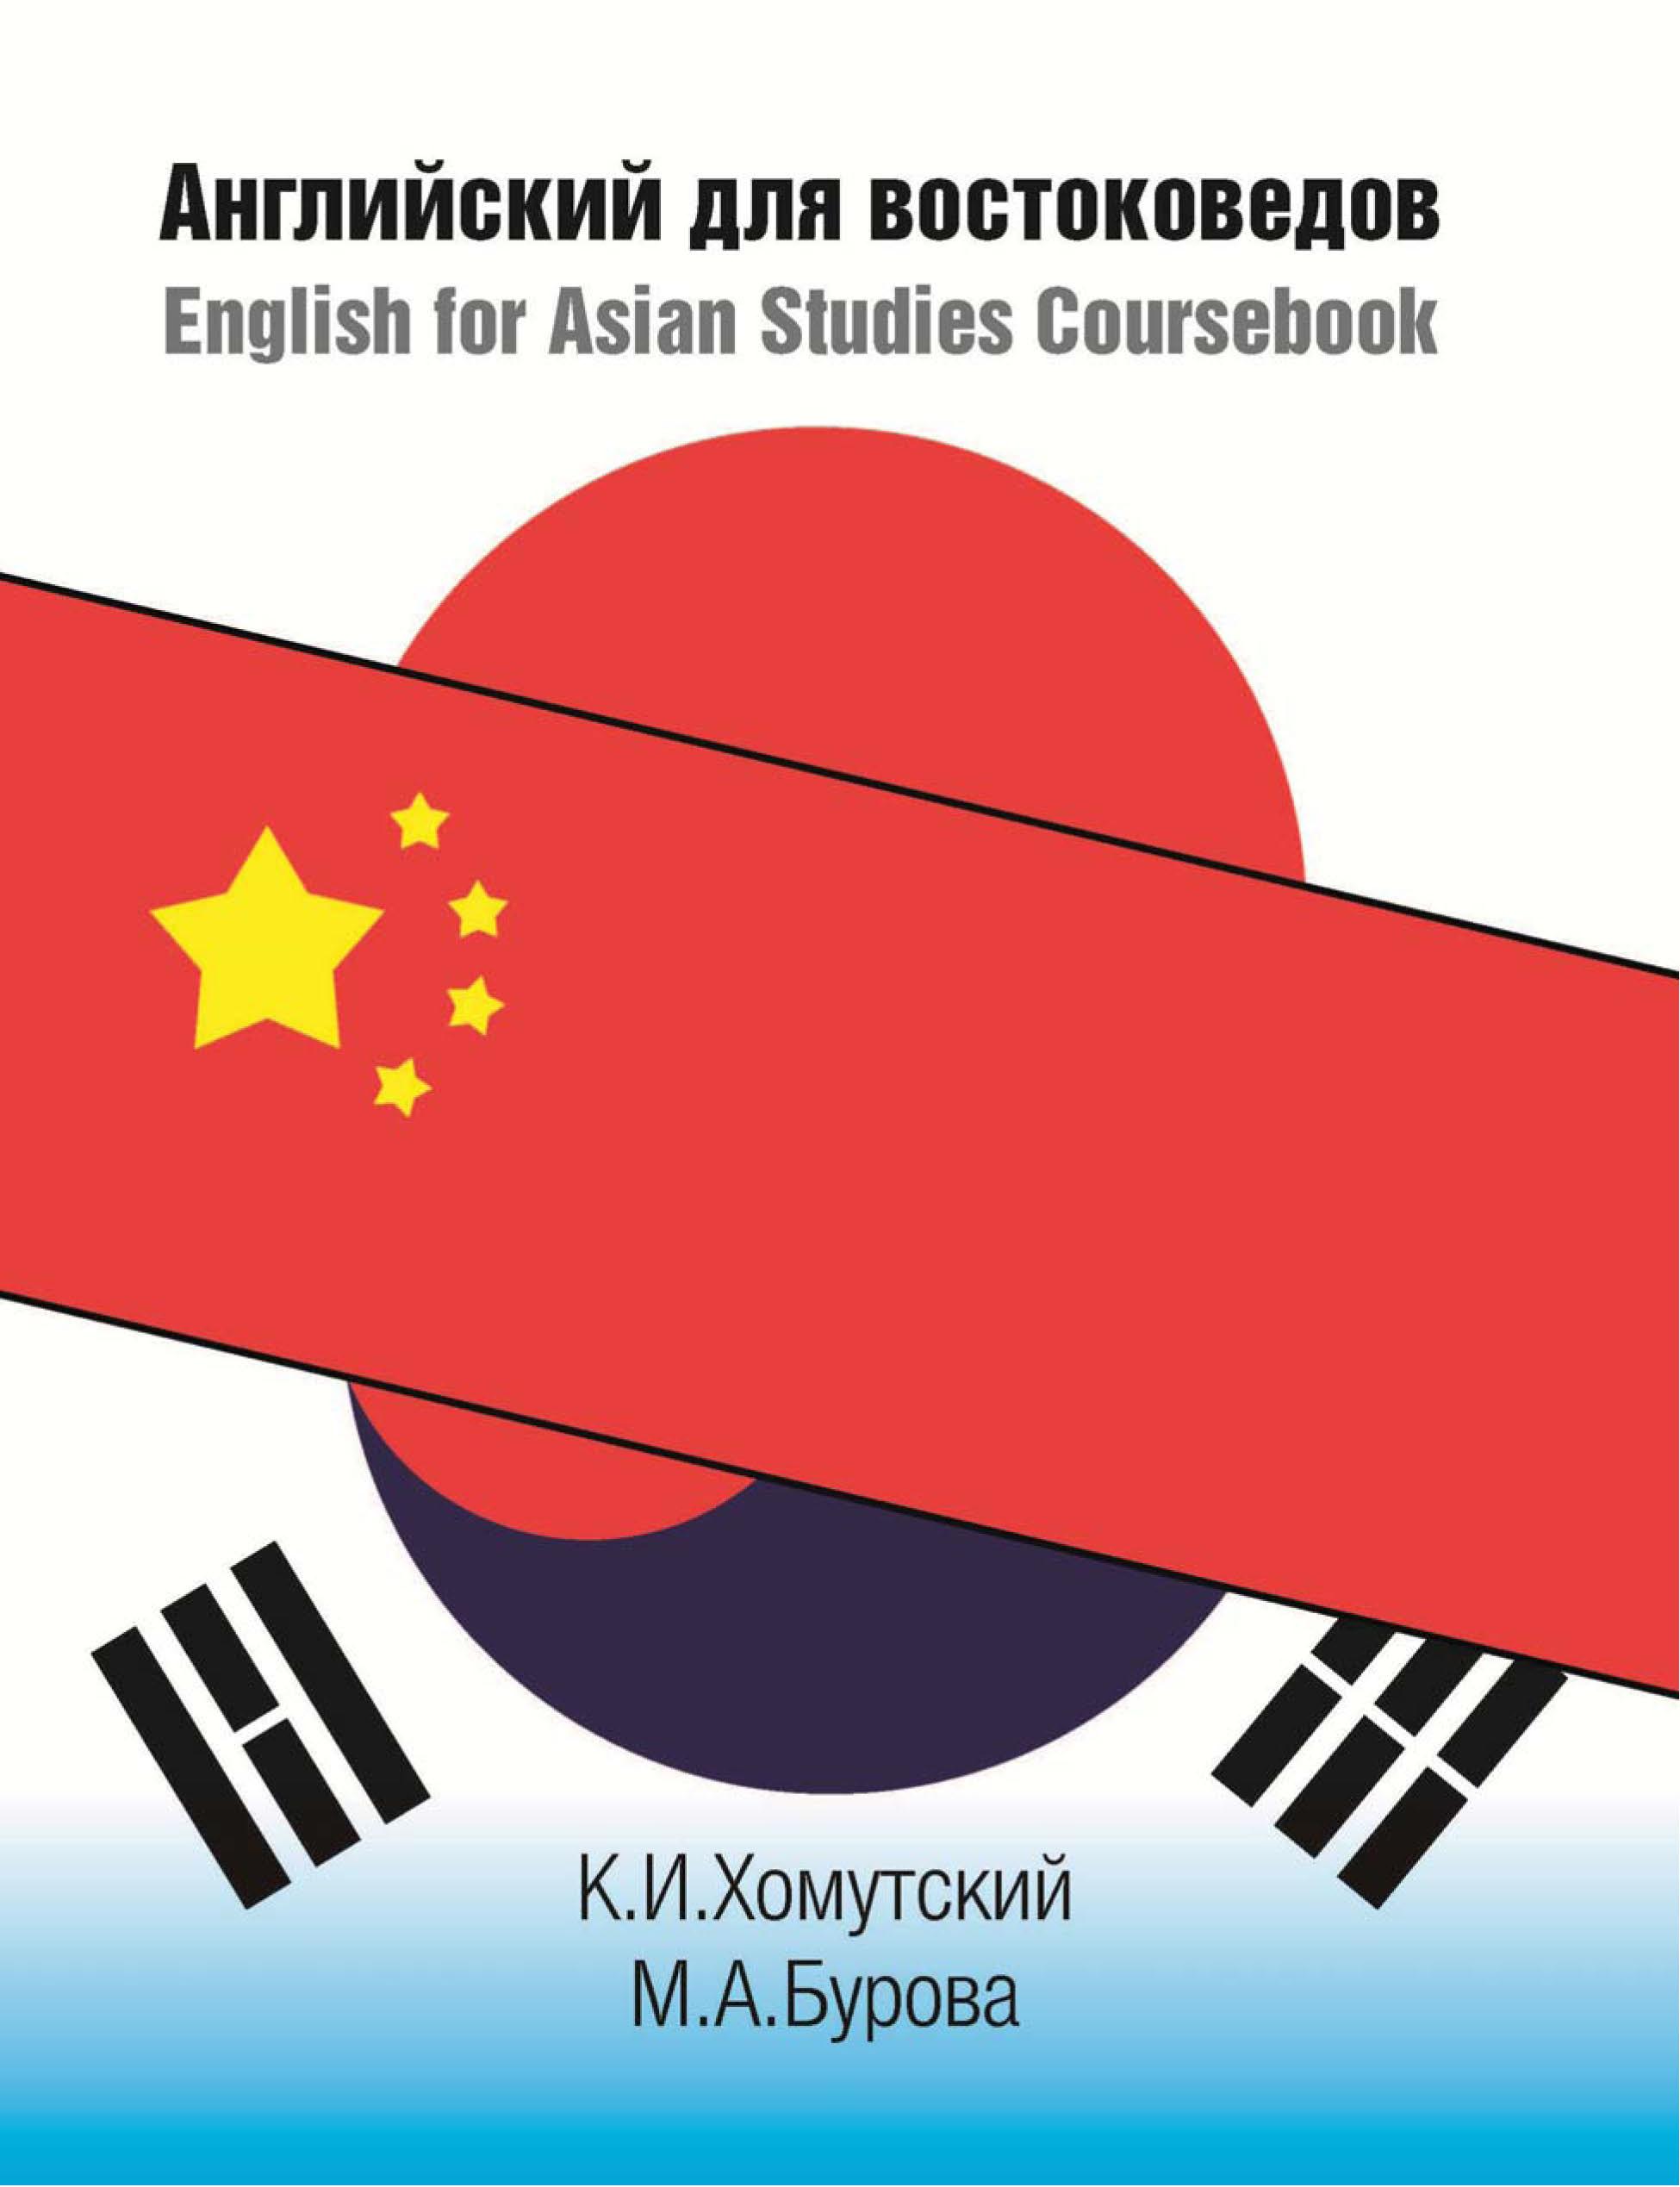 Английский для востоковедов / English for Asian Studies Coursebook